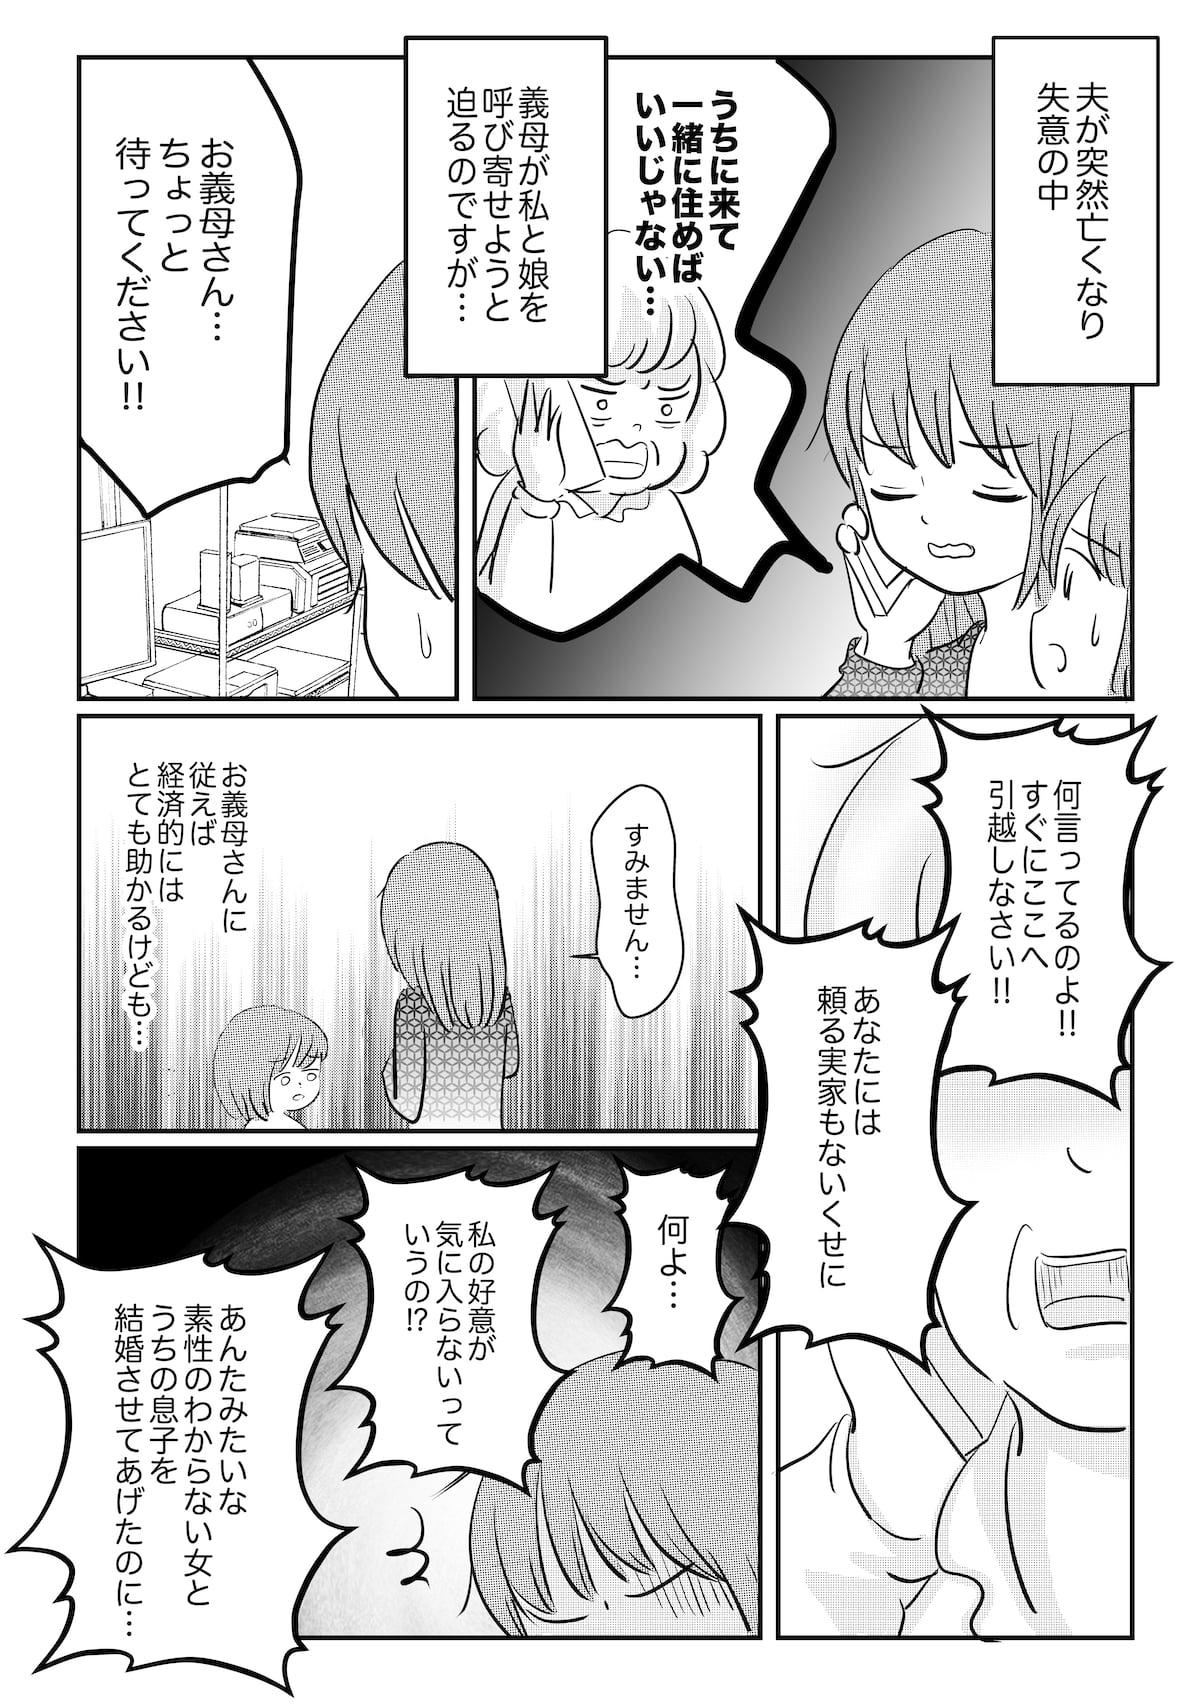 私を罵倒した義母_004 (1)